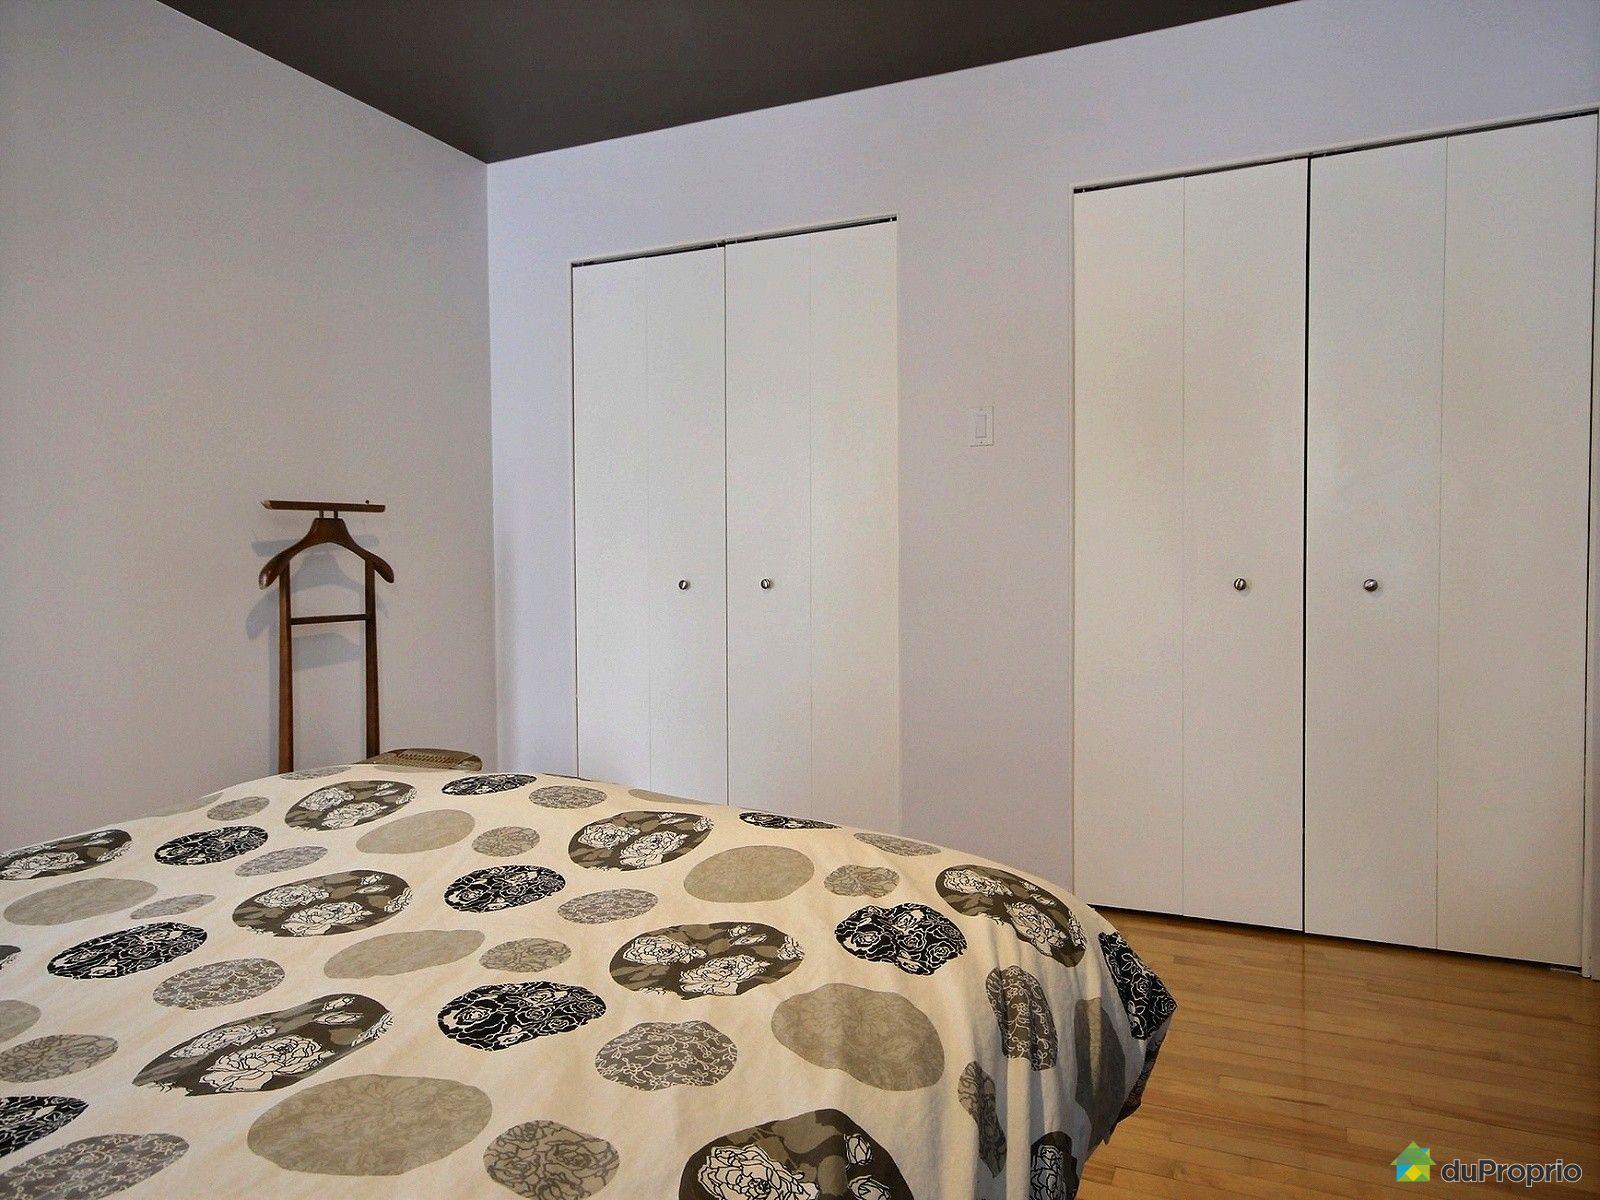 Maison vendre chicoutimi 191 rue solange immobilier for Chambre de commerce chicoutimi